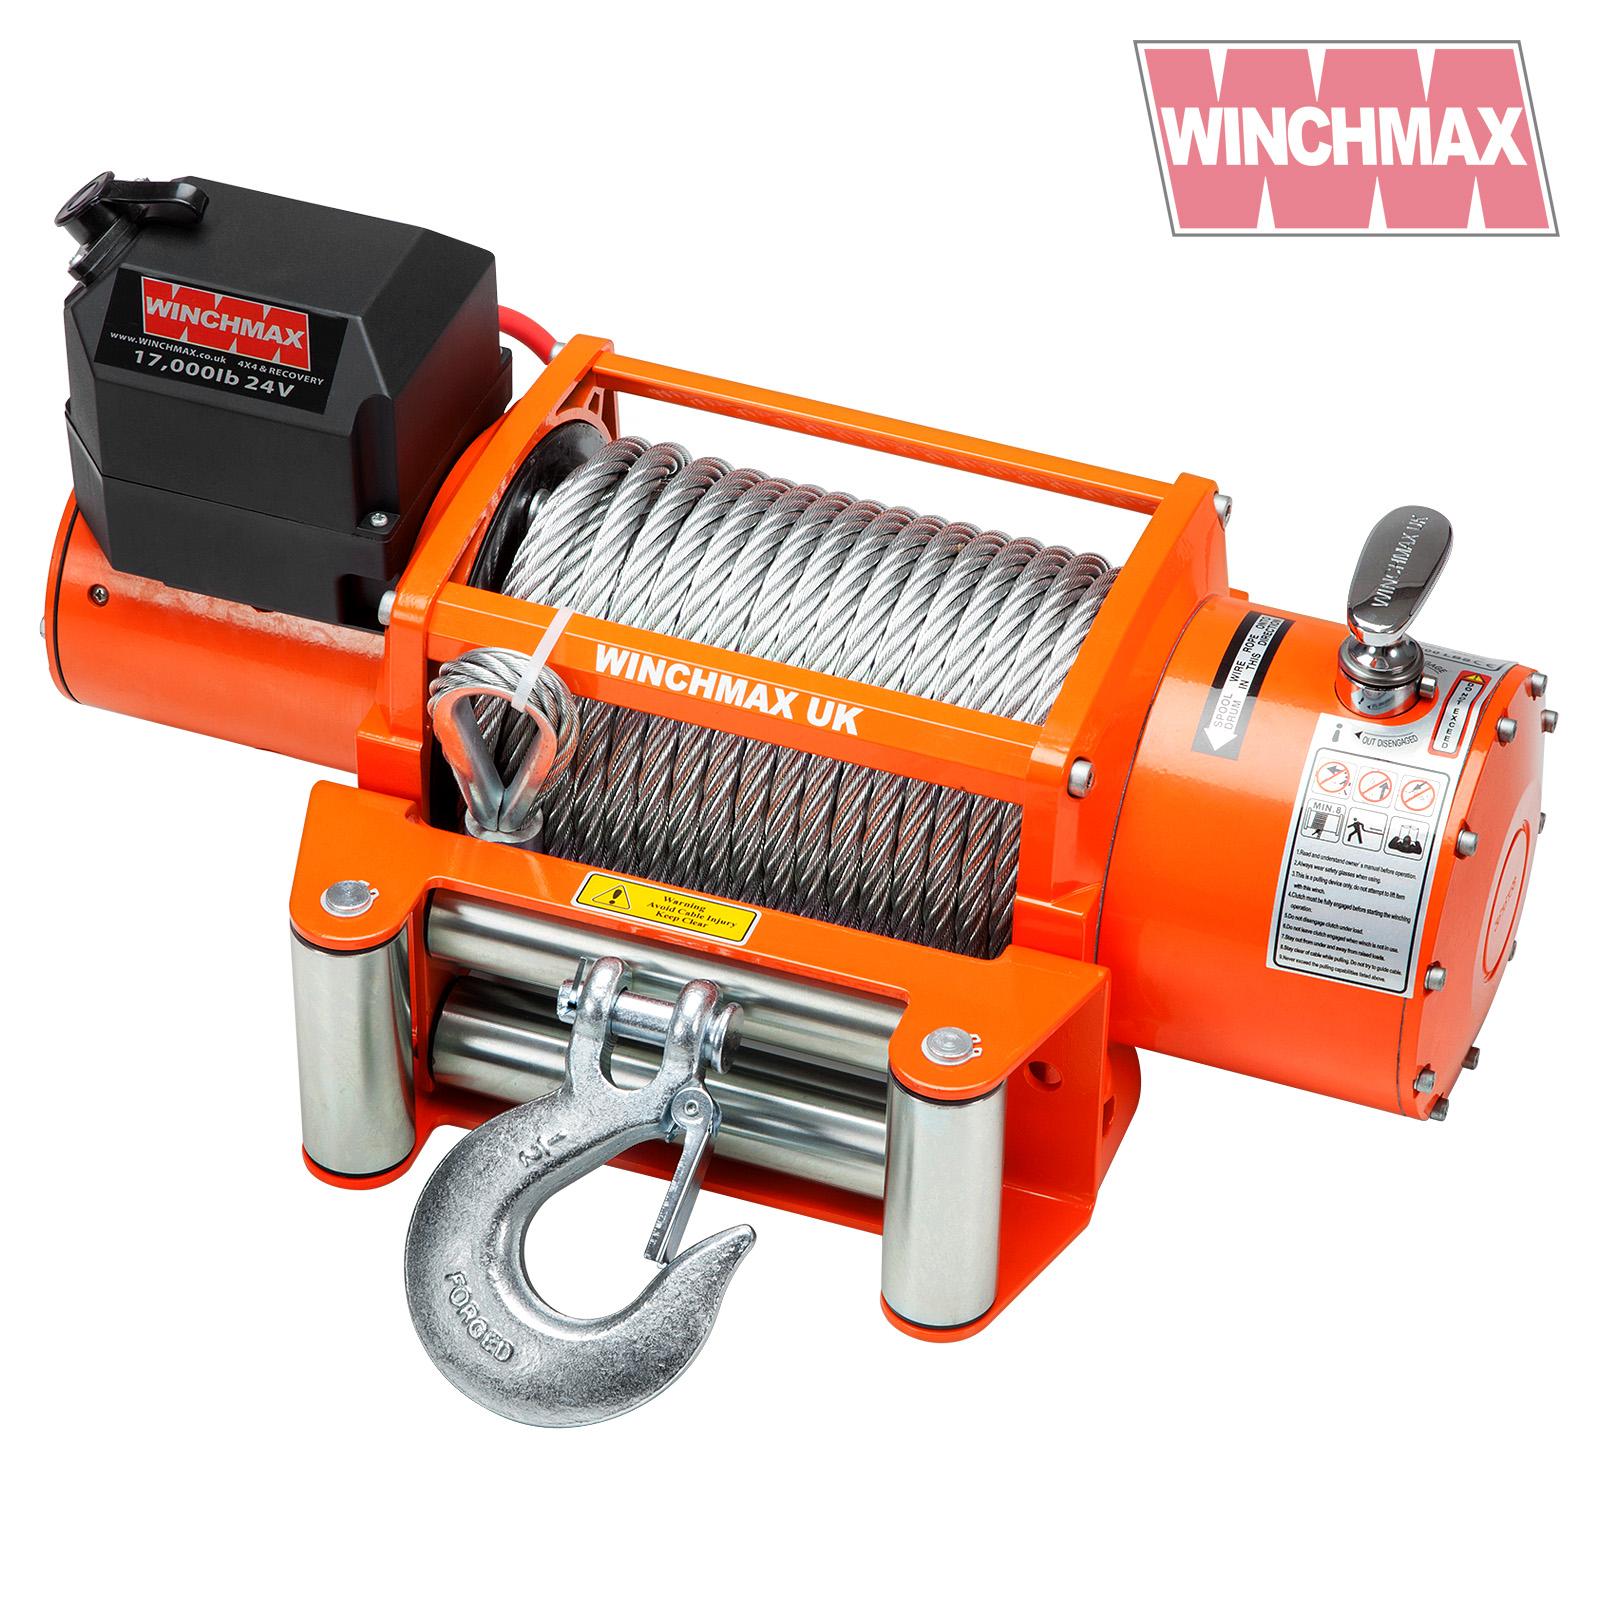 Wm1700024vr winchmax 295